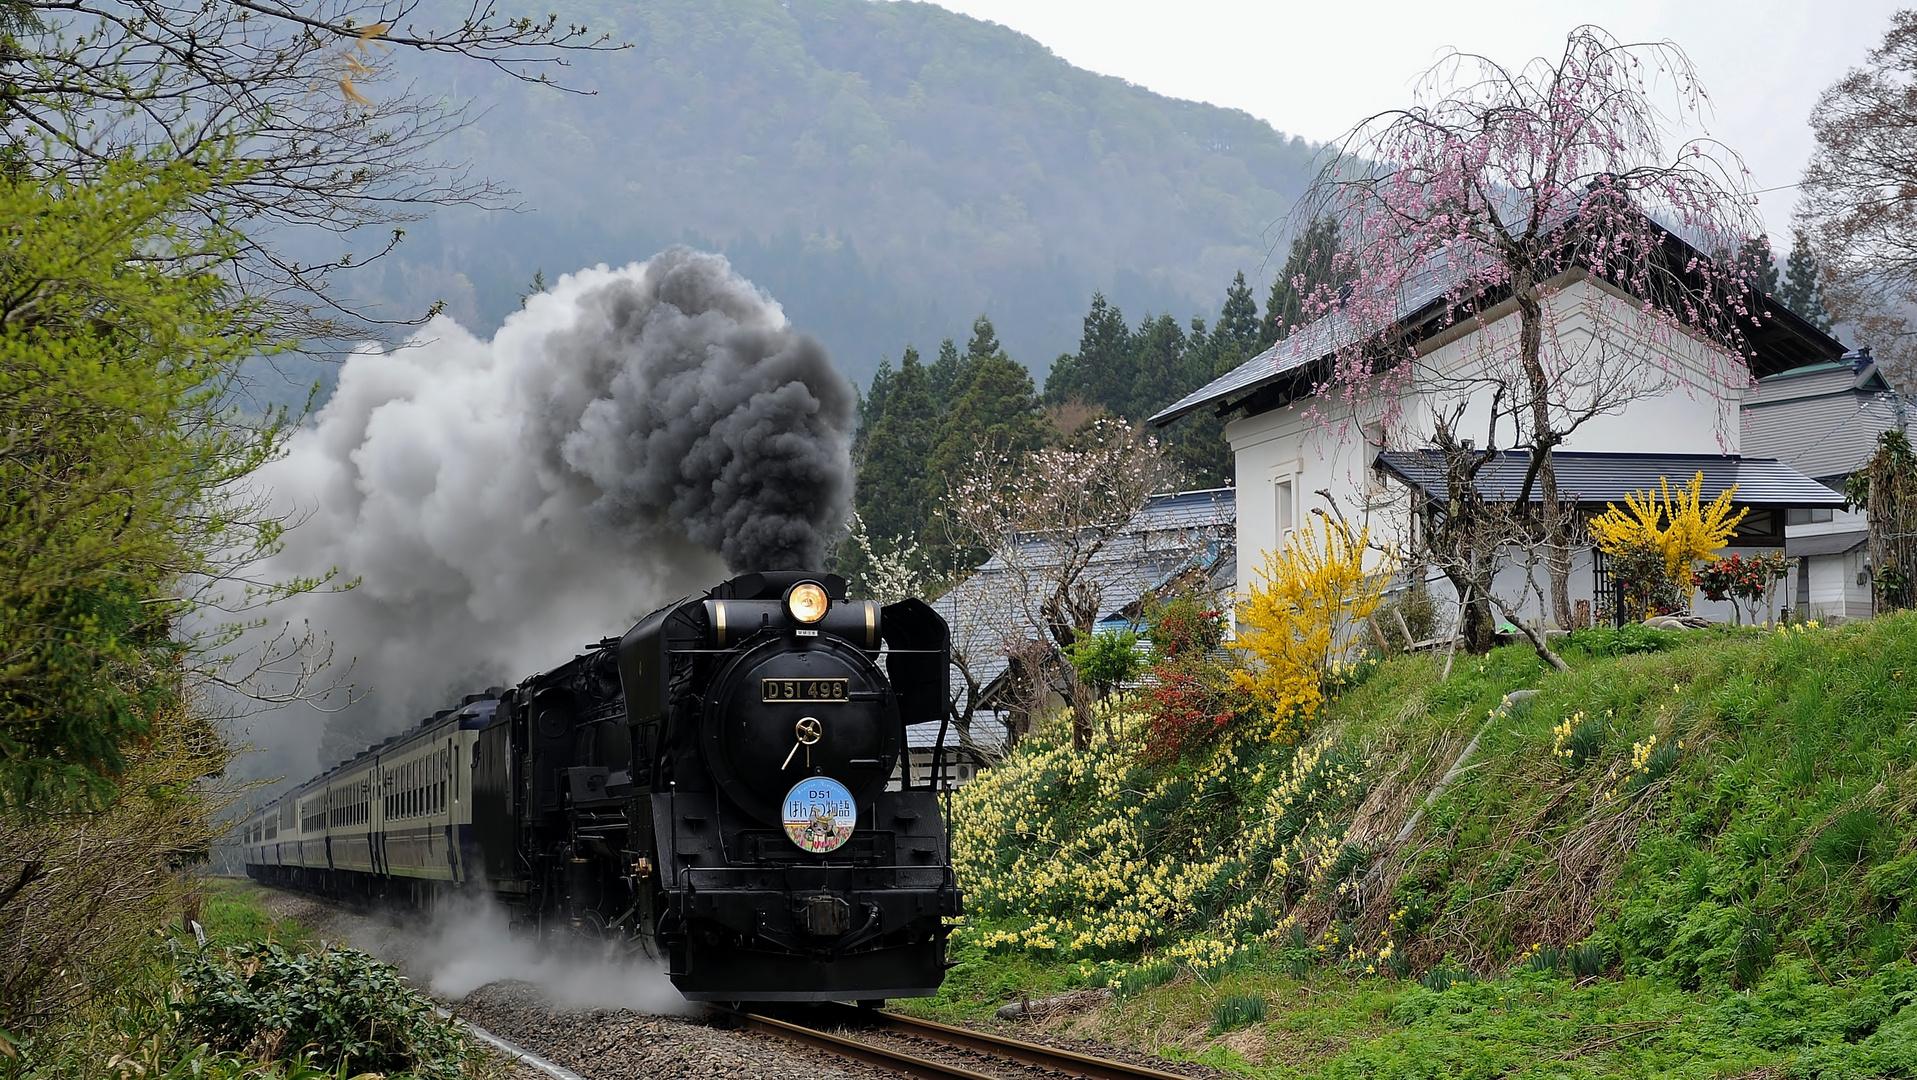 Spring of a mountain village